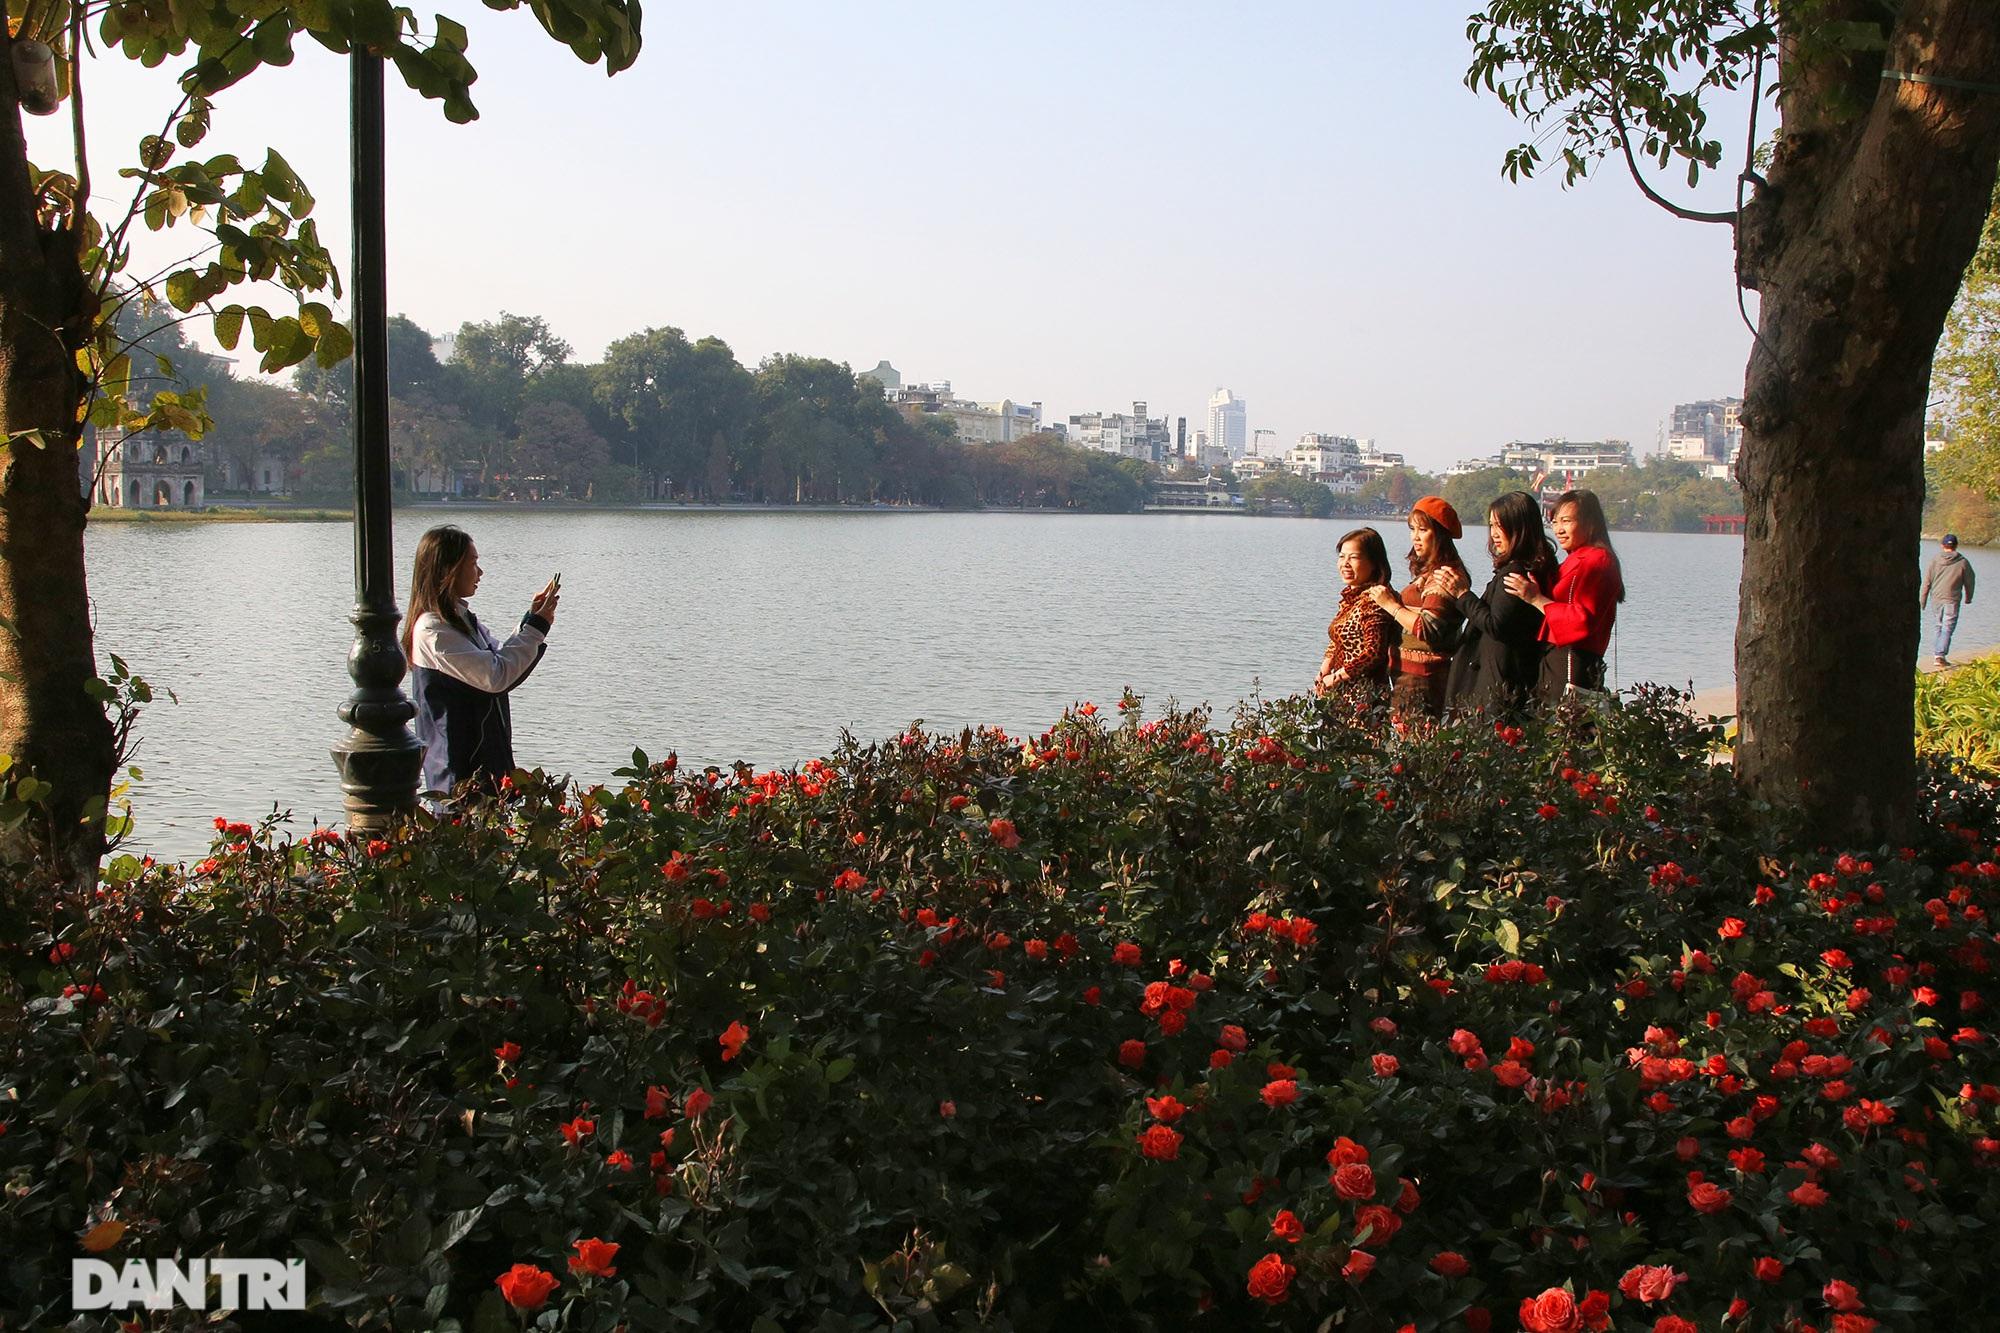 Hồ Gươm trang trí hoa rực rỡ sắc màu chào mừng Đại hội XIII của Đảng - 8